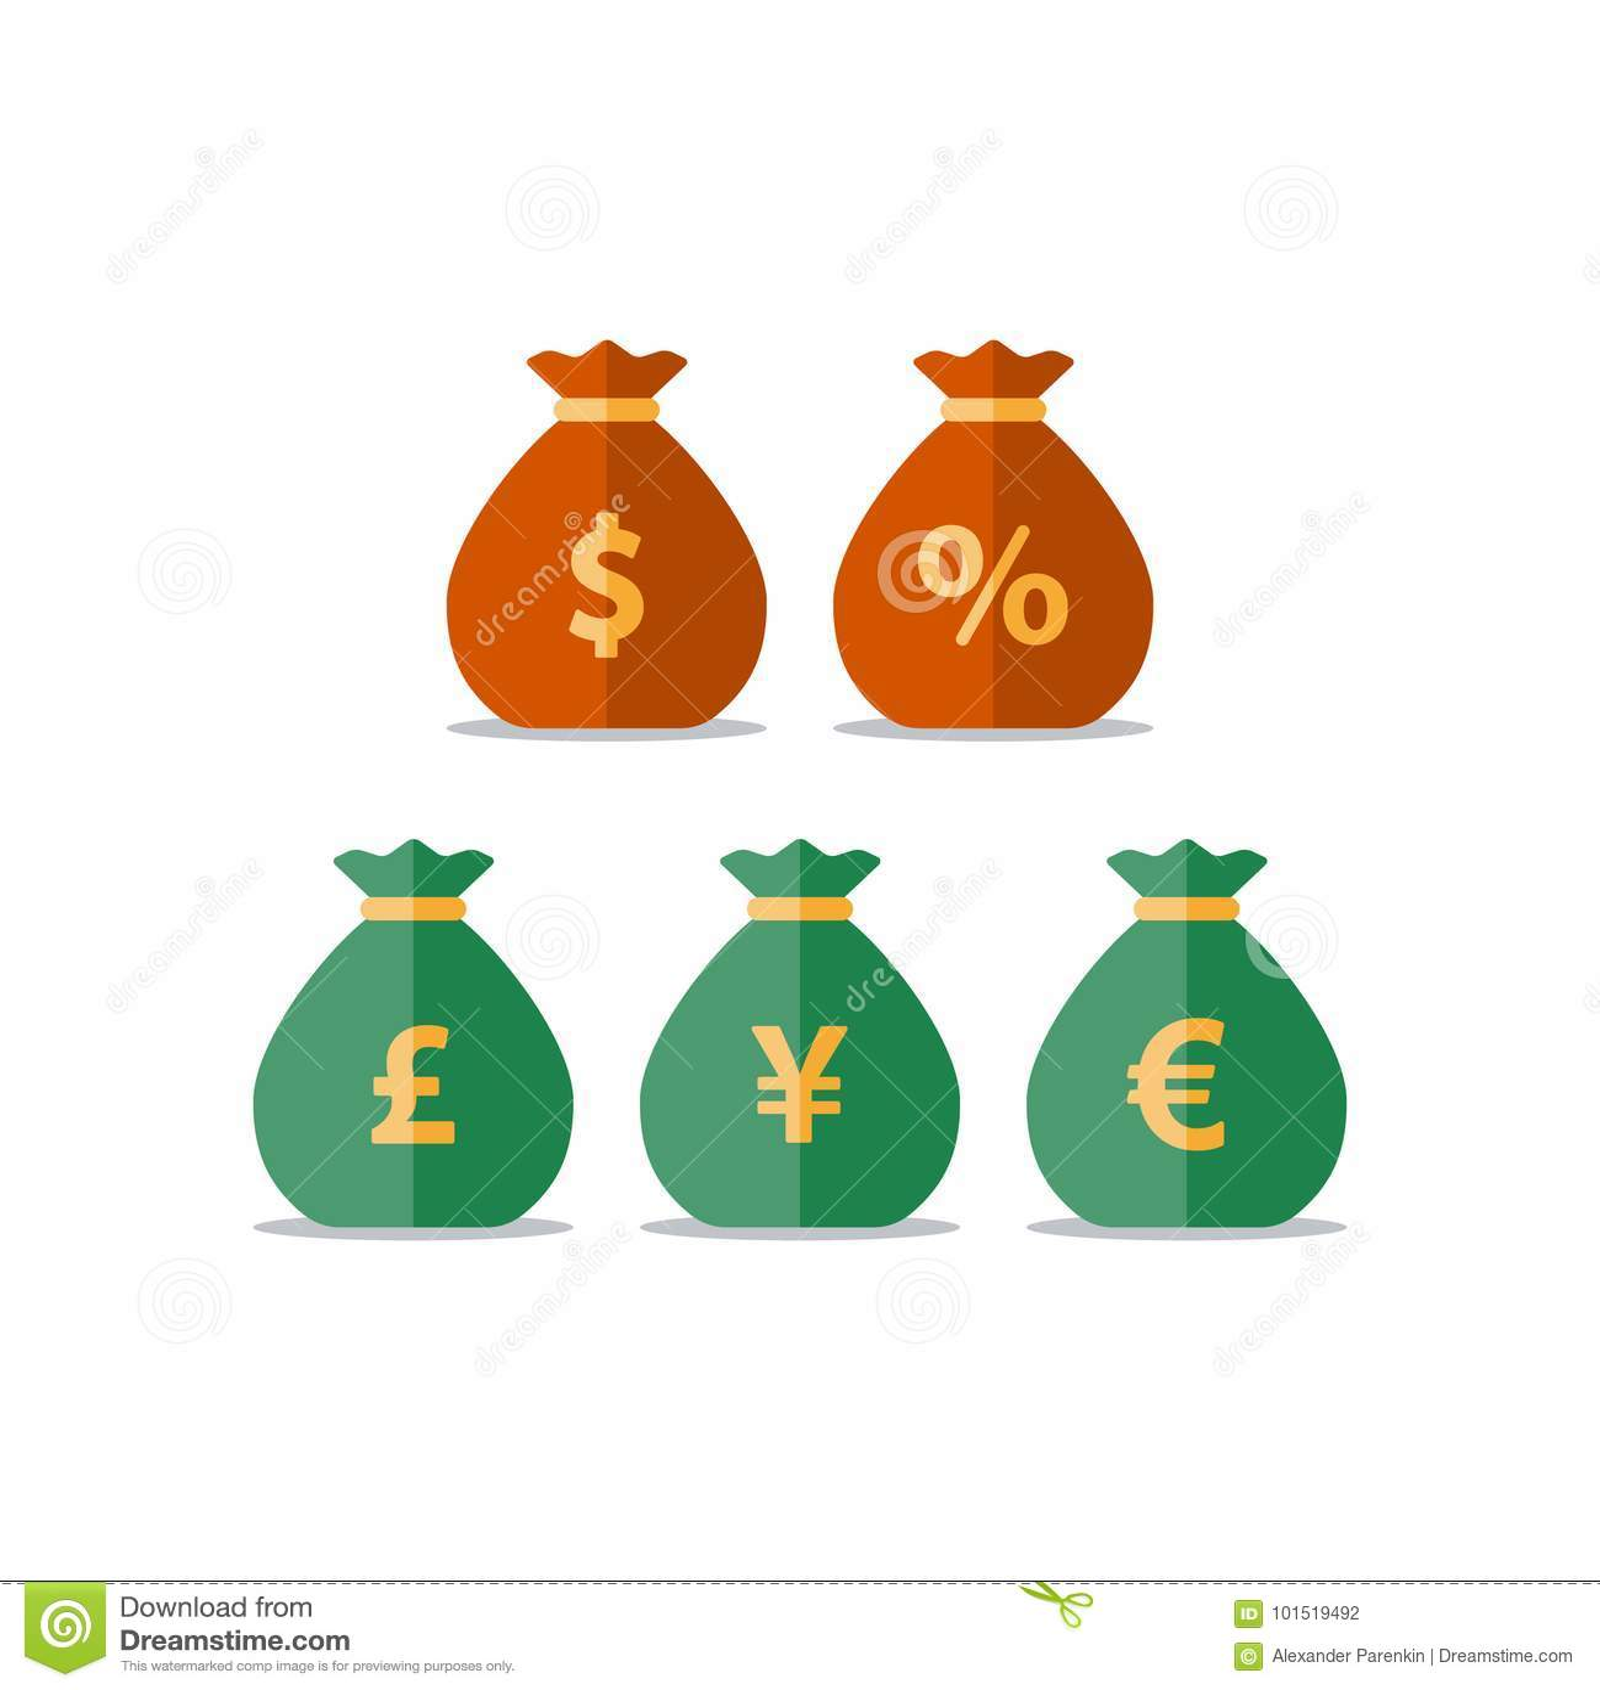 Деньги кладут в мешки, знак евро иен фунта доллара, валютная биржа, сбережения и инвестирования, финансовое решение